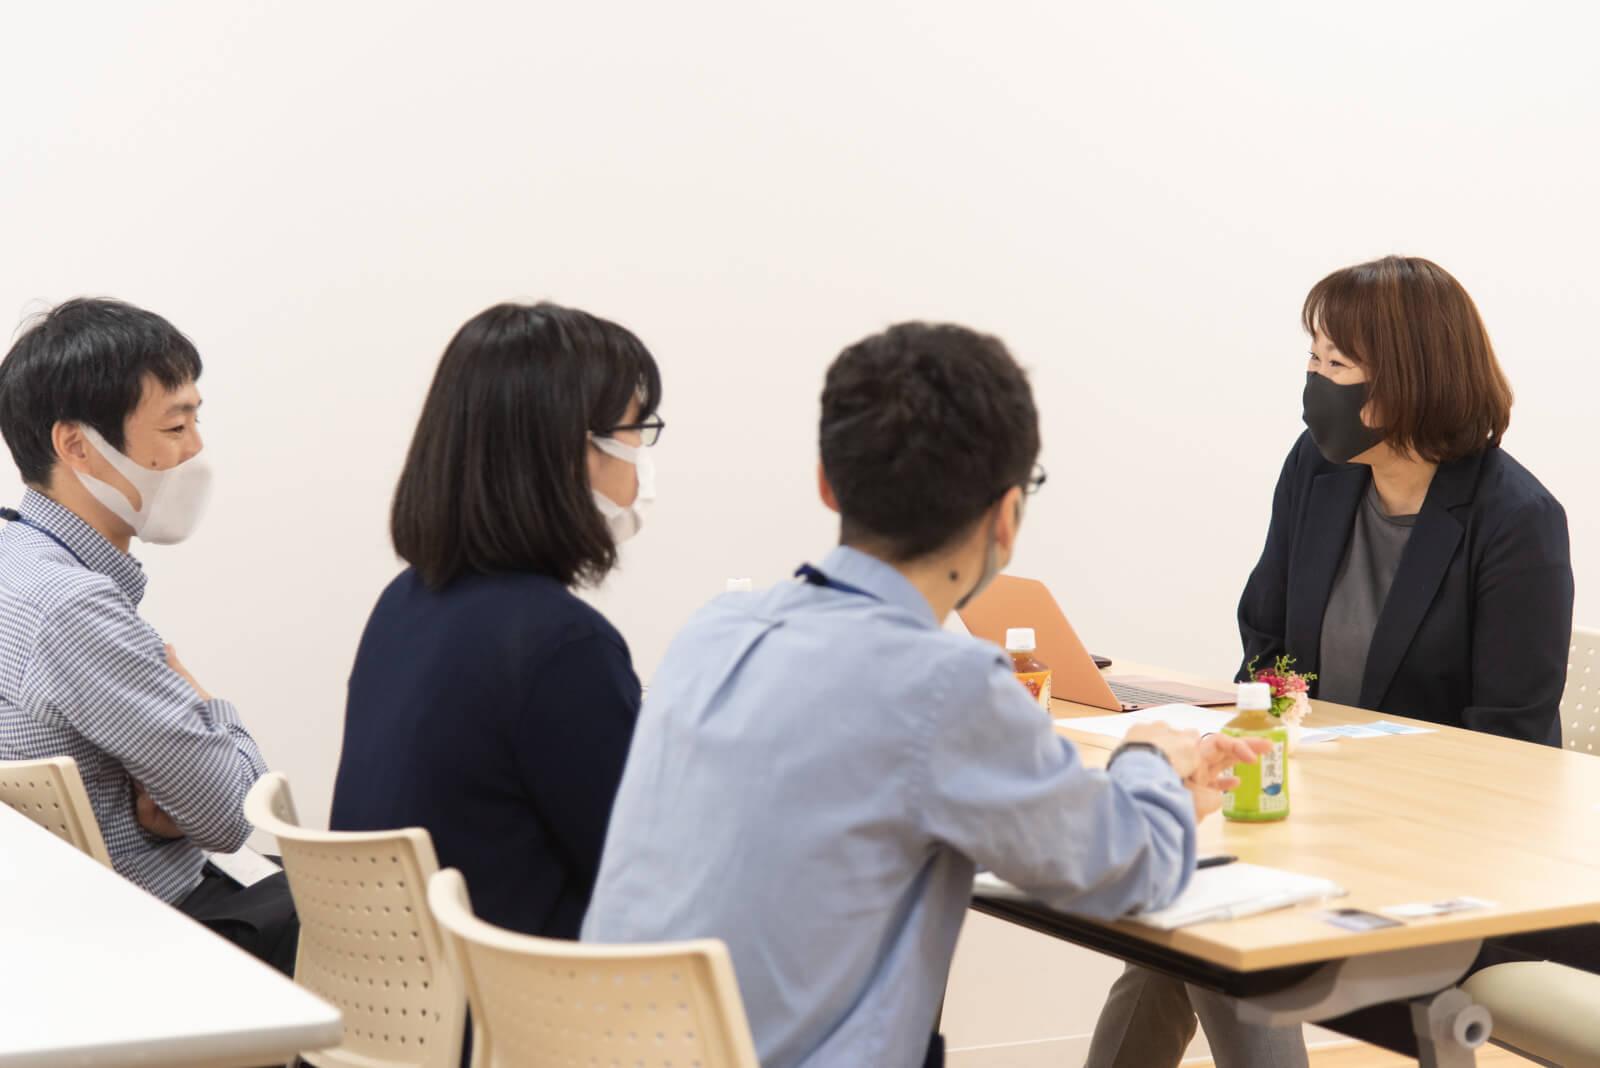 大阪でも受けられるのは一部!枚方市の結婚等支援事業って?条件や補助金について市役所職員さんに聞いてき...